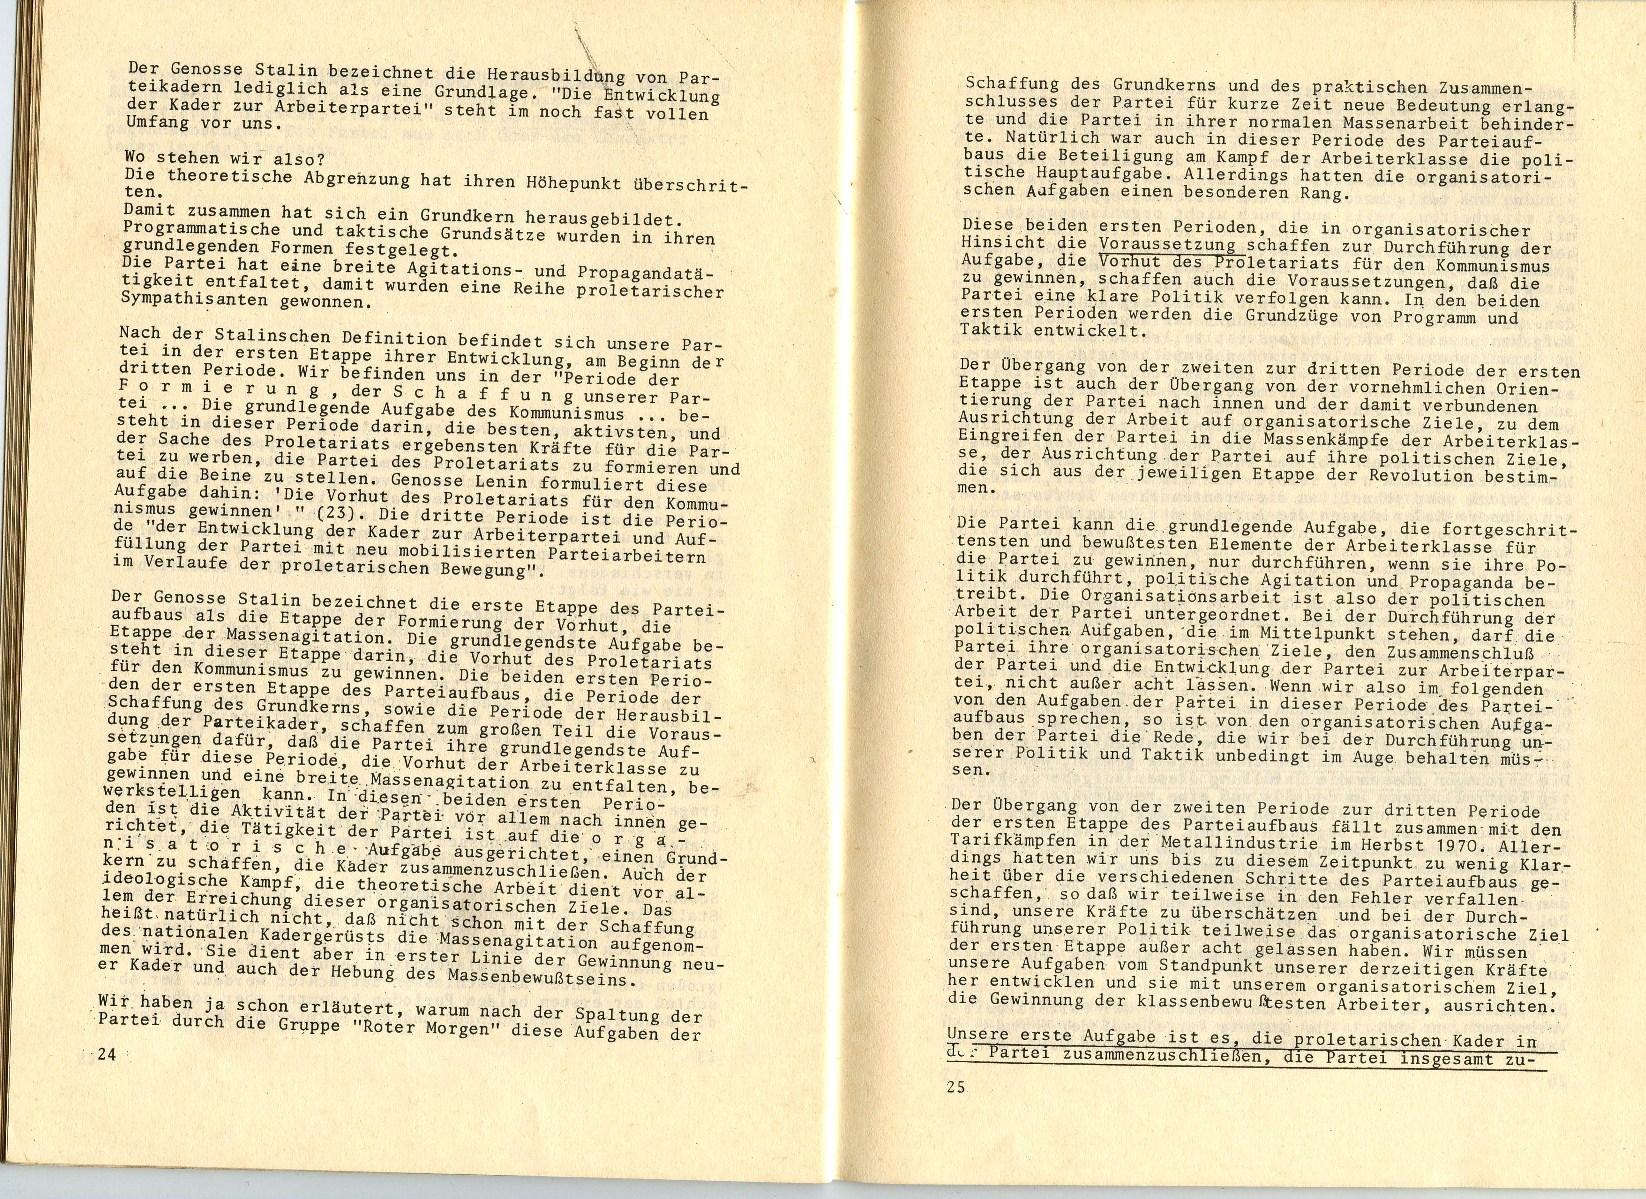 ZB_Etappen_Parteiaufbau_1971_19